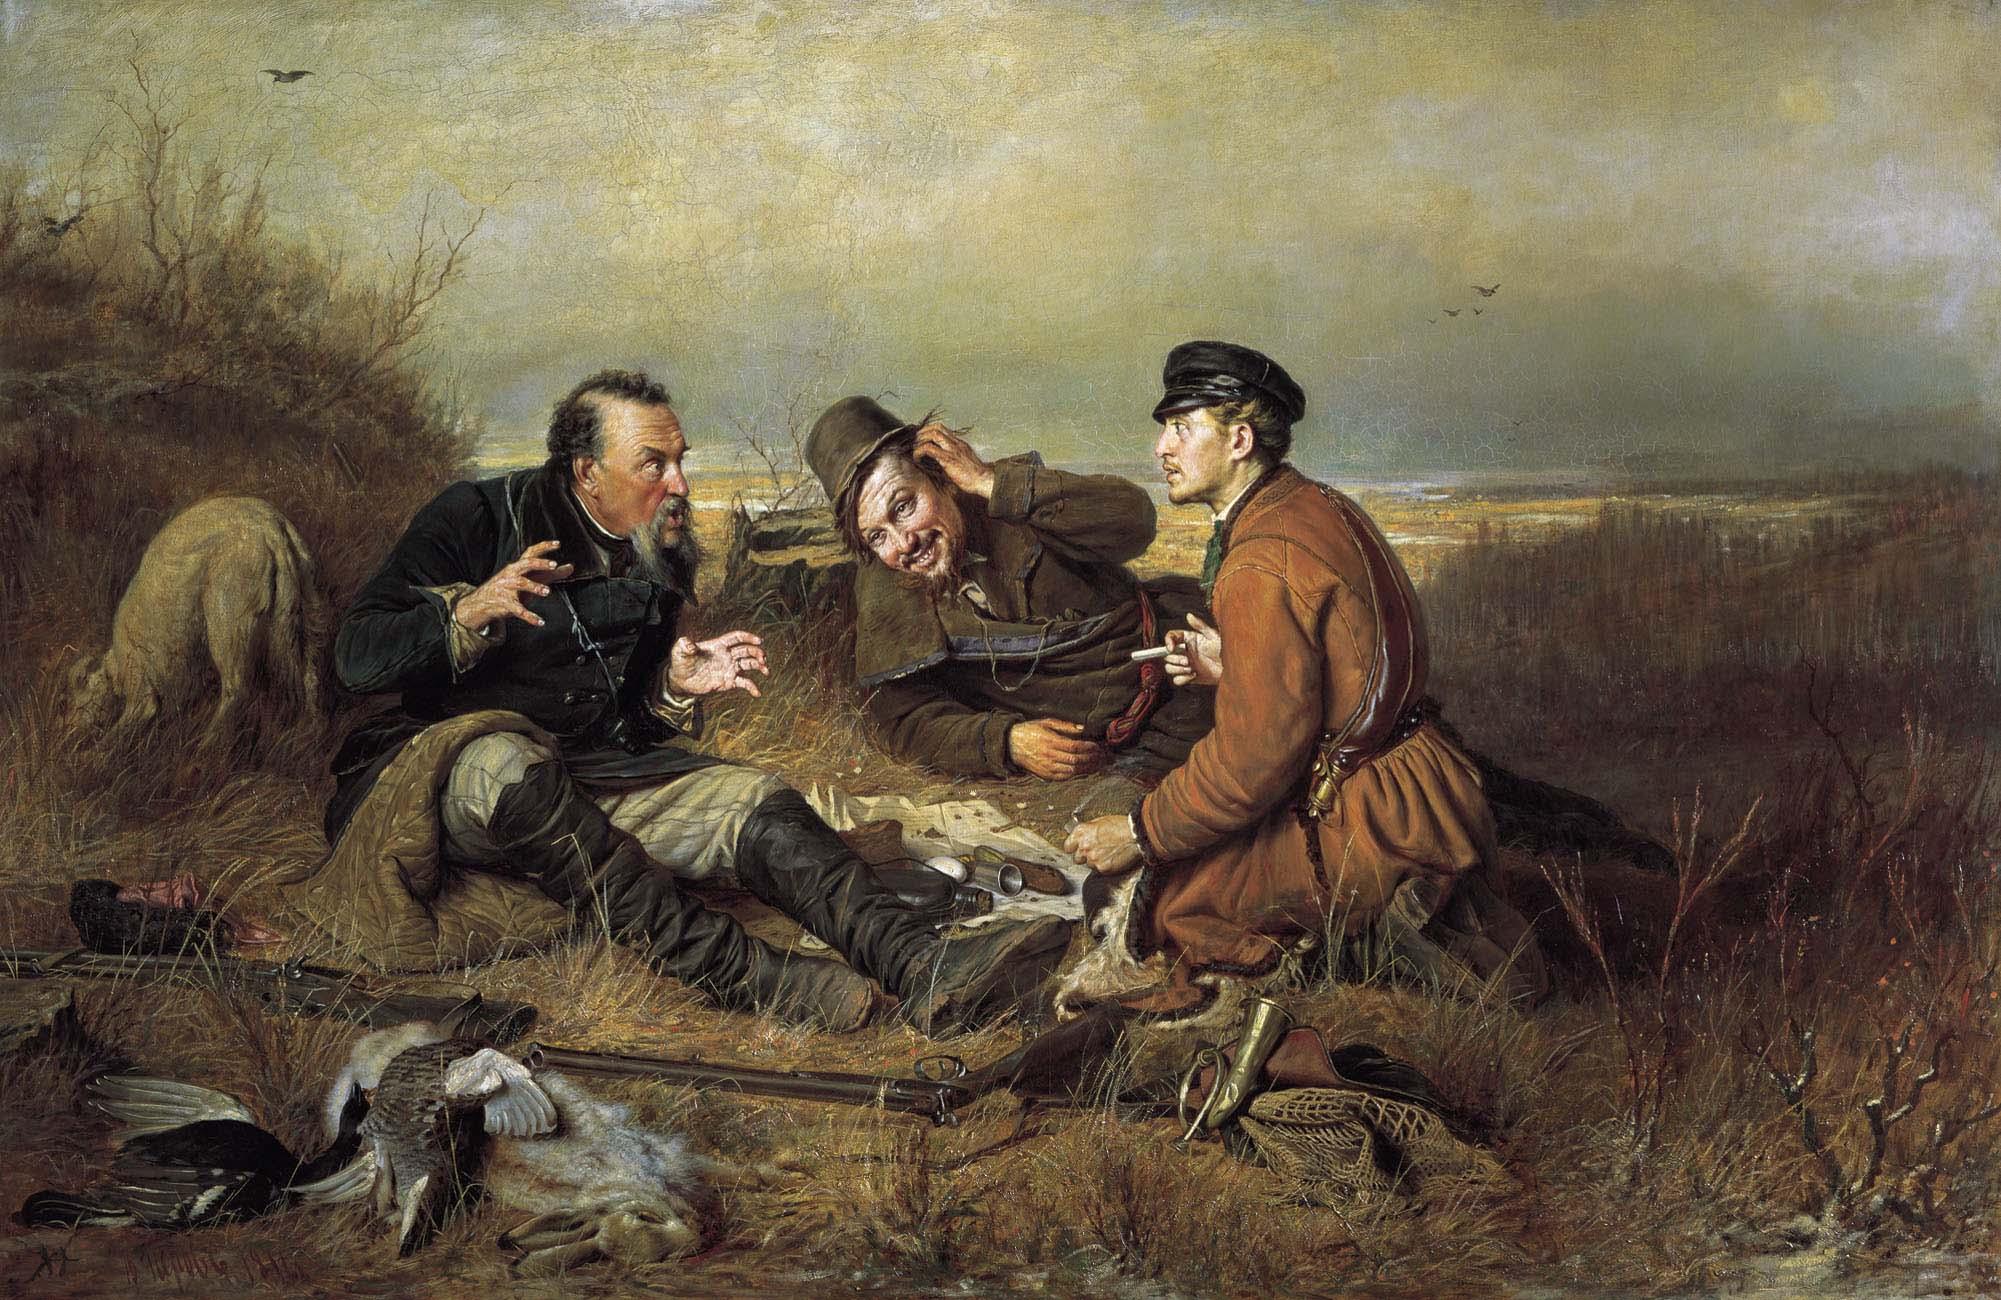 «Охотники на привале» — картина Василия Григорьевича Перова,  написанная в 1871 году